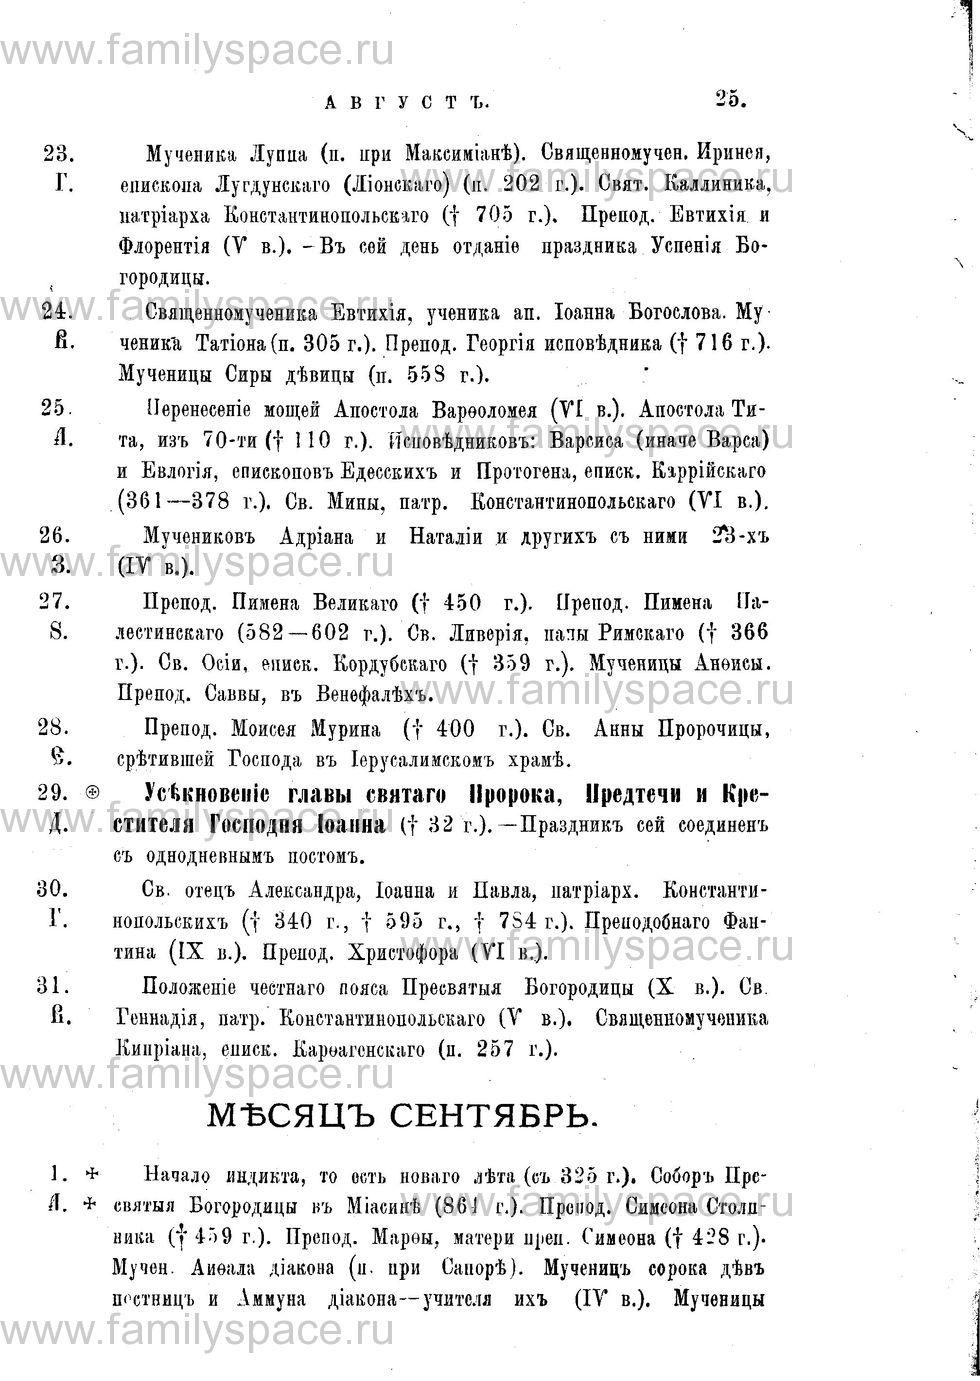 Поиск по фамилии - Адрес-календарь Нижегородской епархии на 1888 год, страница 1025